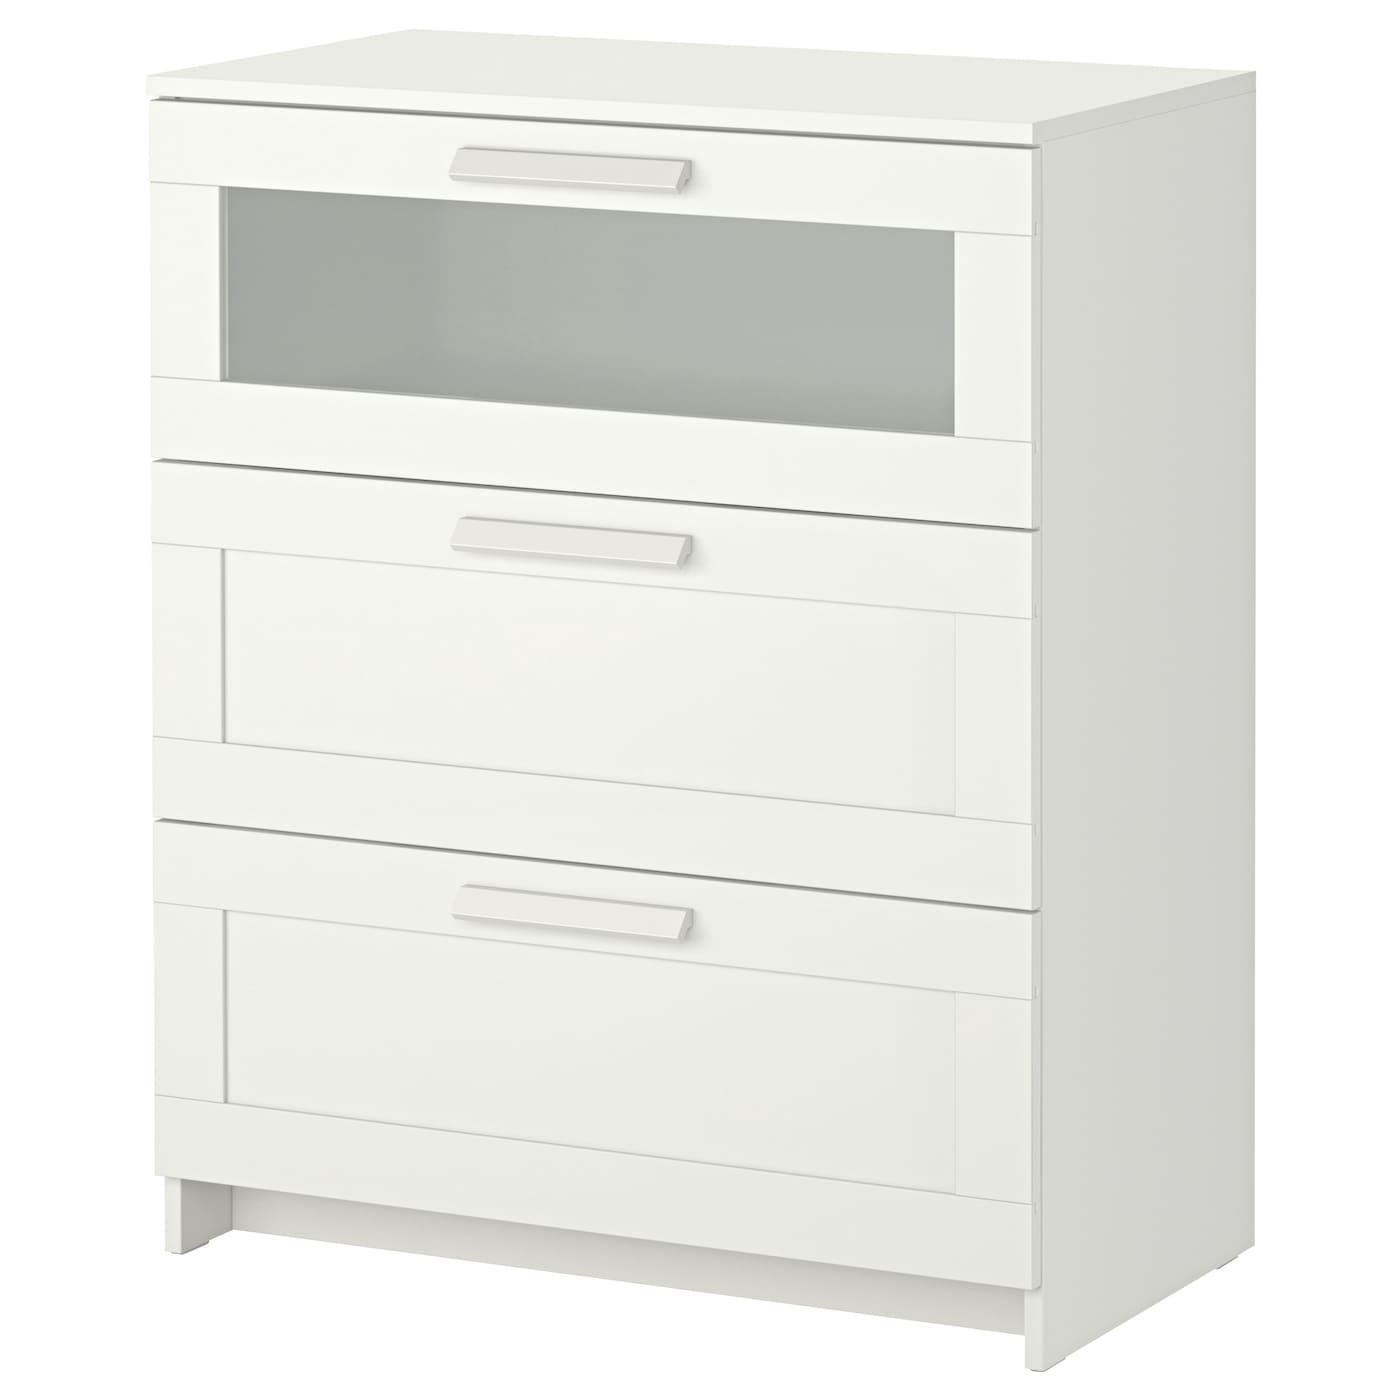 БРИМНЭС-1 Комод с 3 ящиками, белый, матовое стекло, 78x95 см